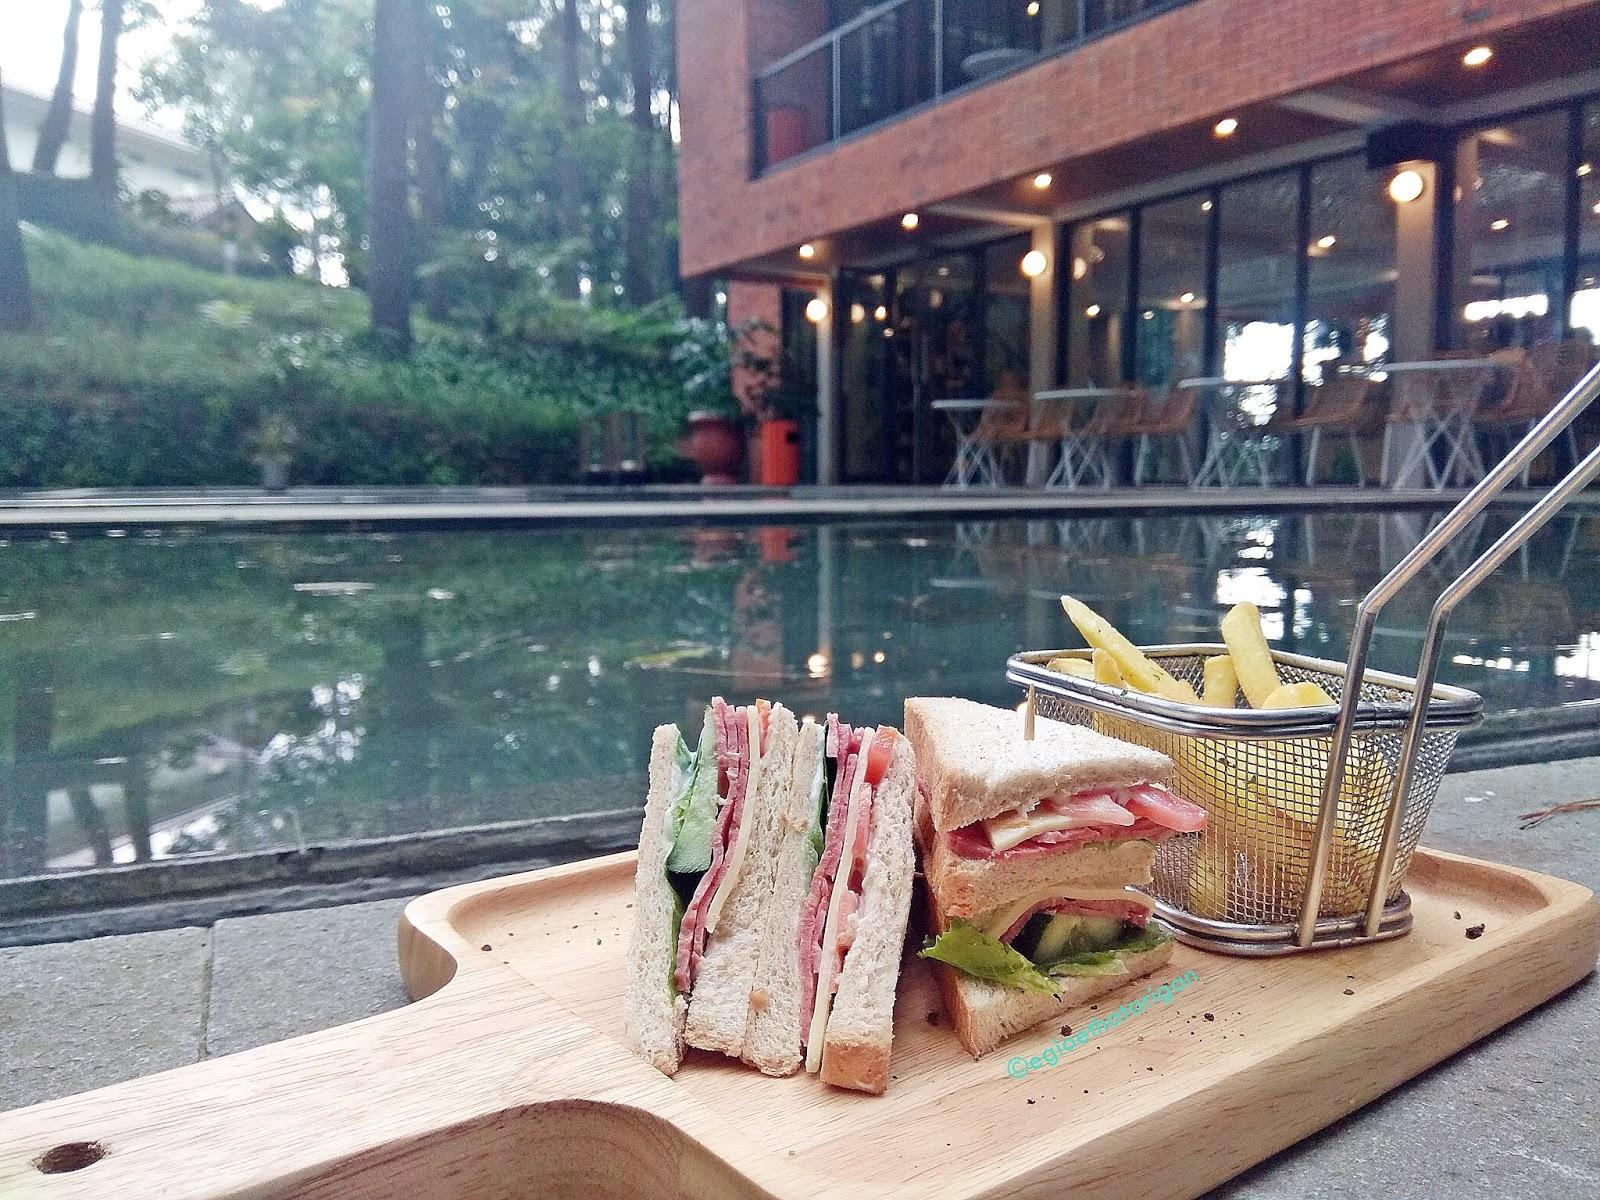 egiaethatarigan_the lake house puncak pesona alam resort